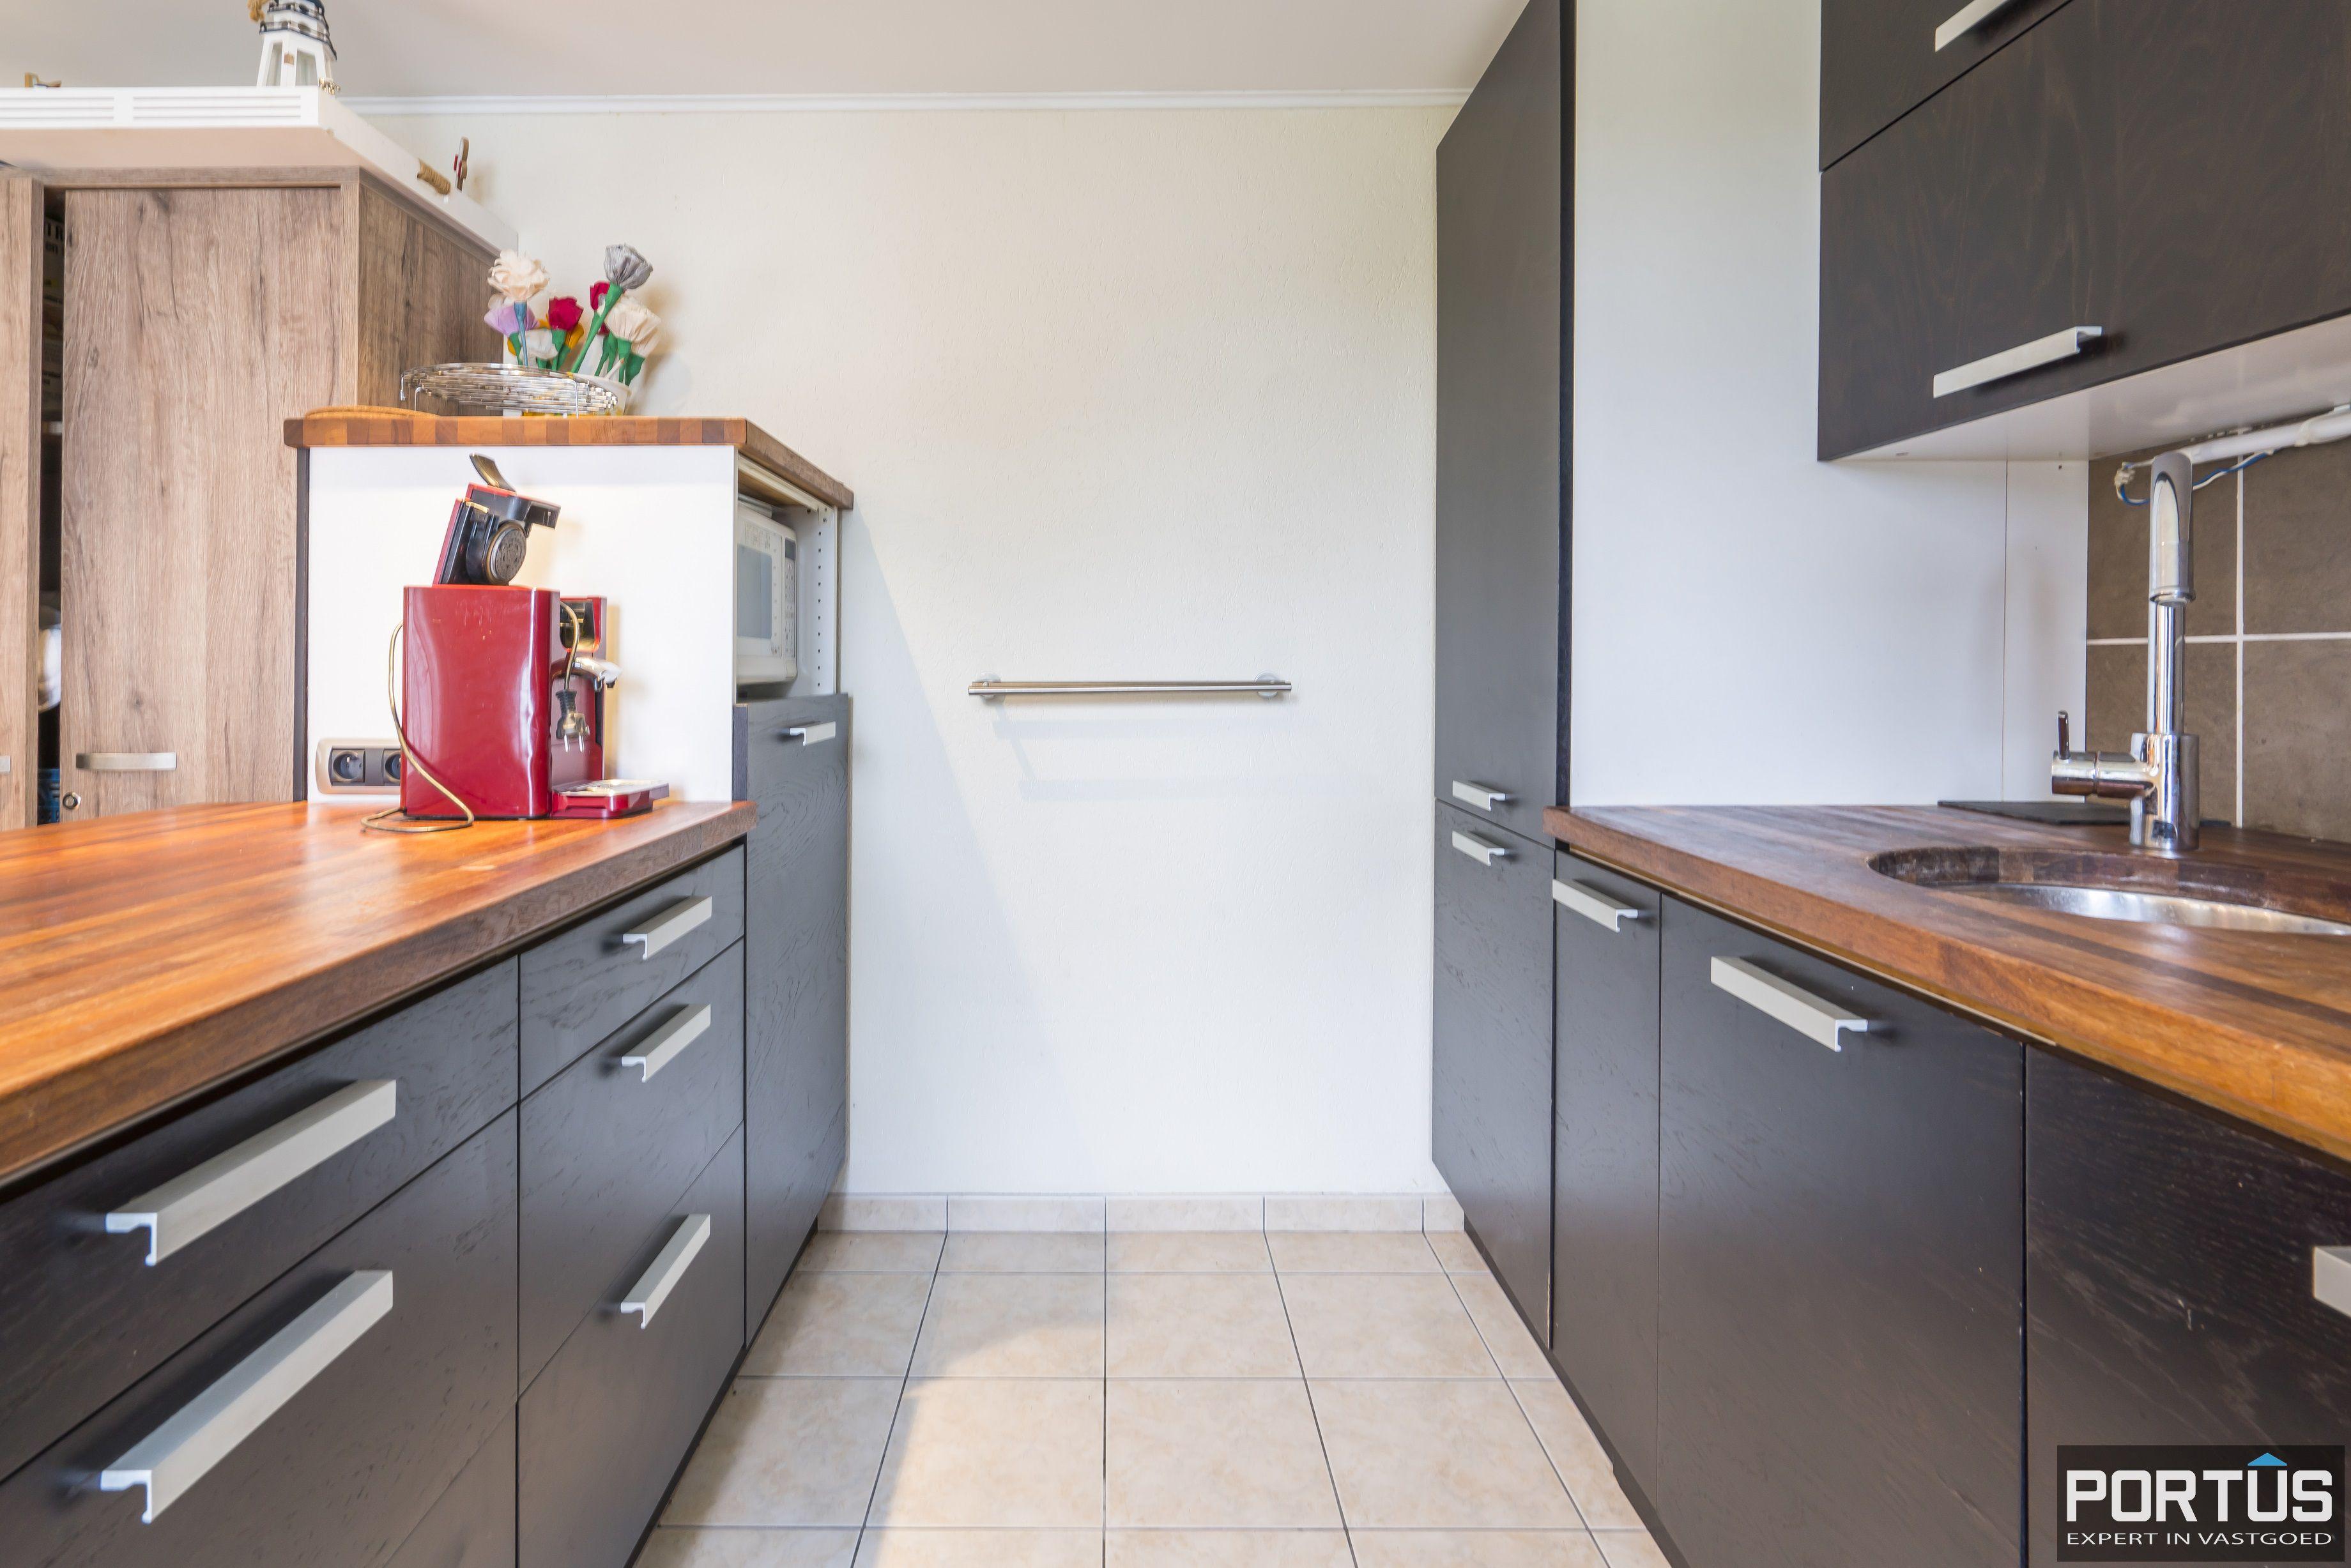 Instapklare woning met 3 slaapkamers te koop - 11690